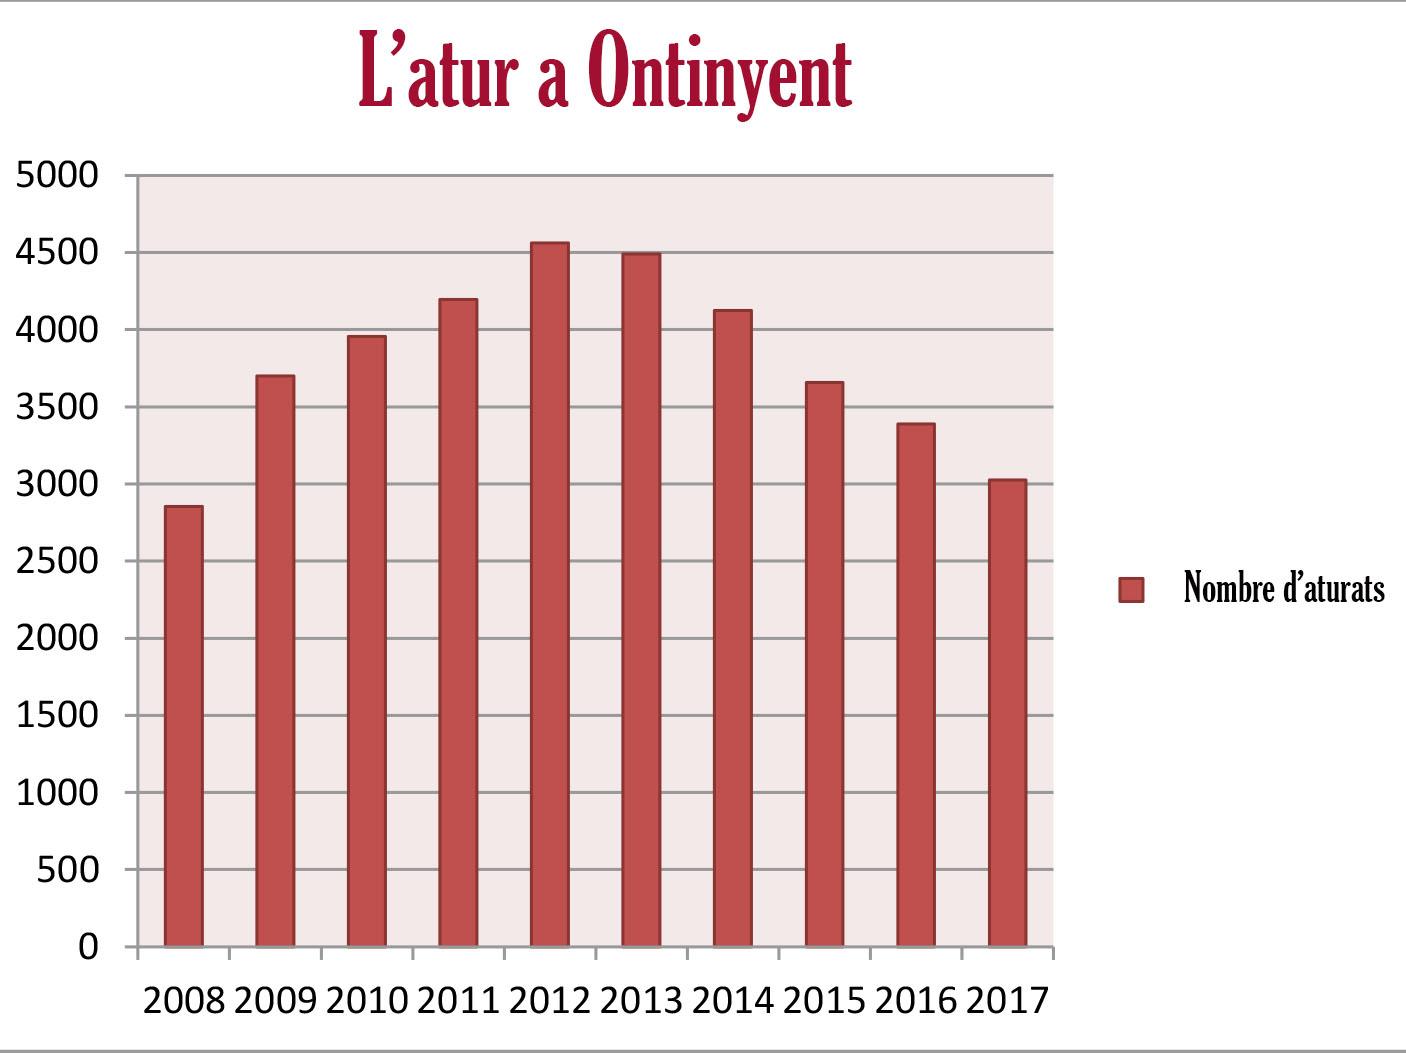 2017 tanca amb la xifra més baixa d'atur des de 2008 El Periòdic d'Ontinyent - Noticies a Ontinyent